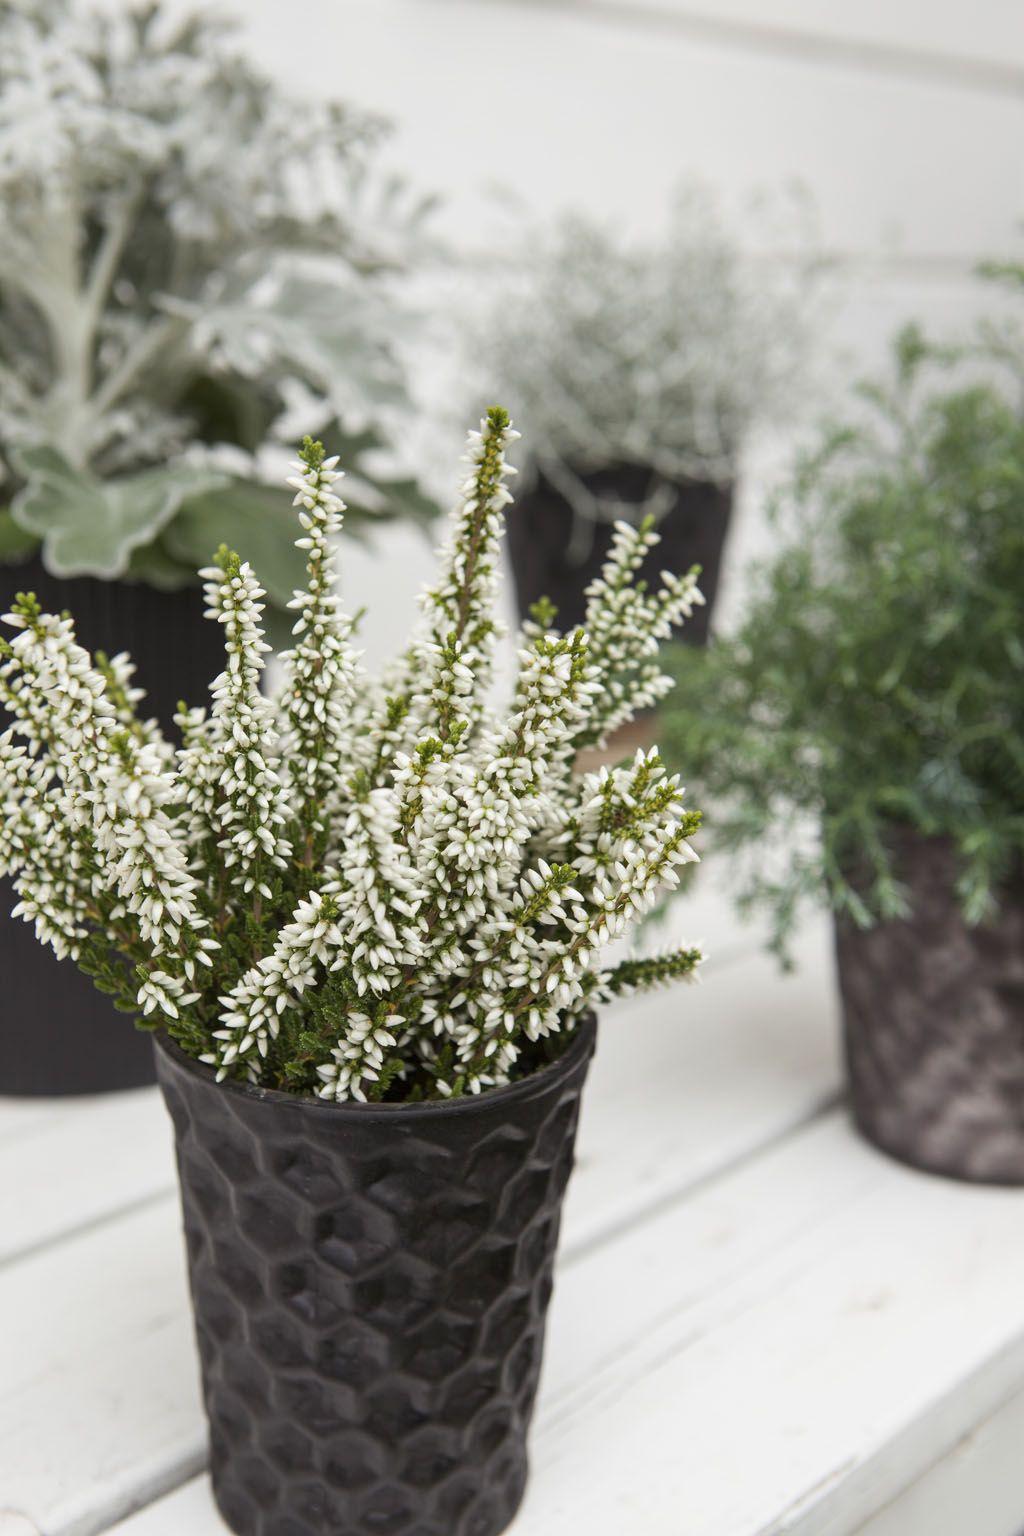 Calluna høstlyng, sølvkrans og vintergrønt https://www.mestergronn.no/